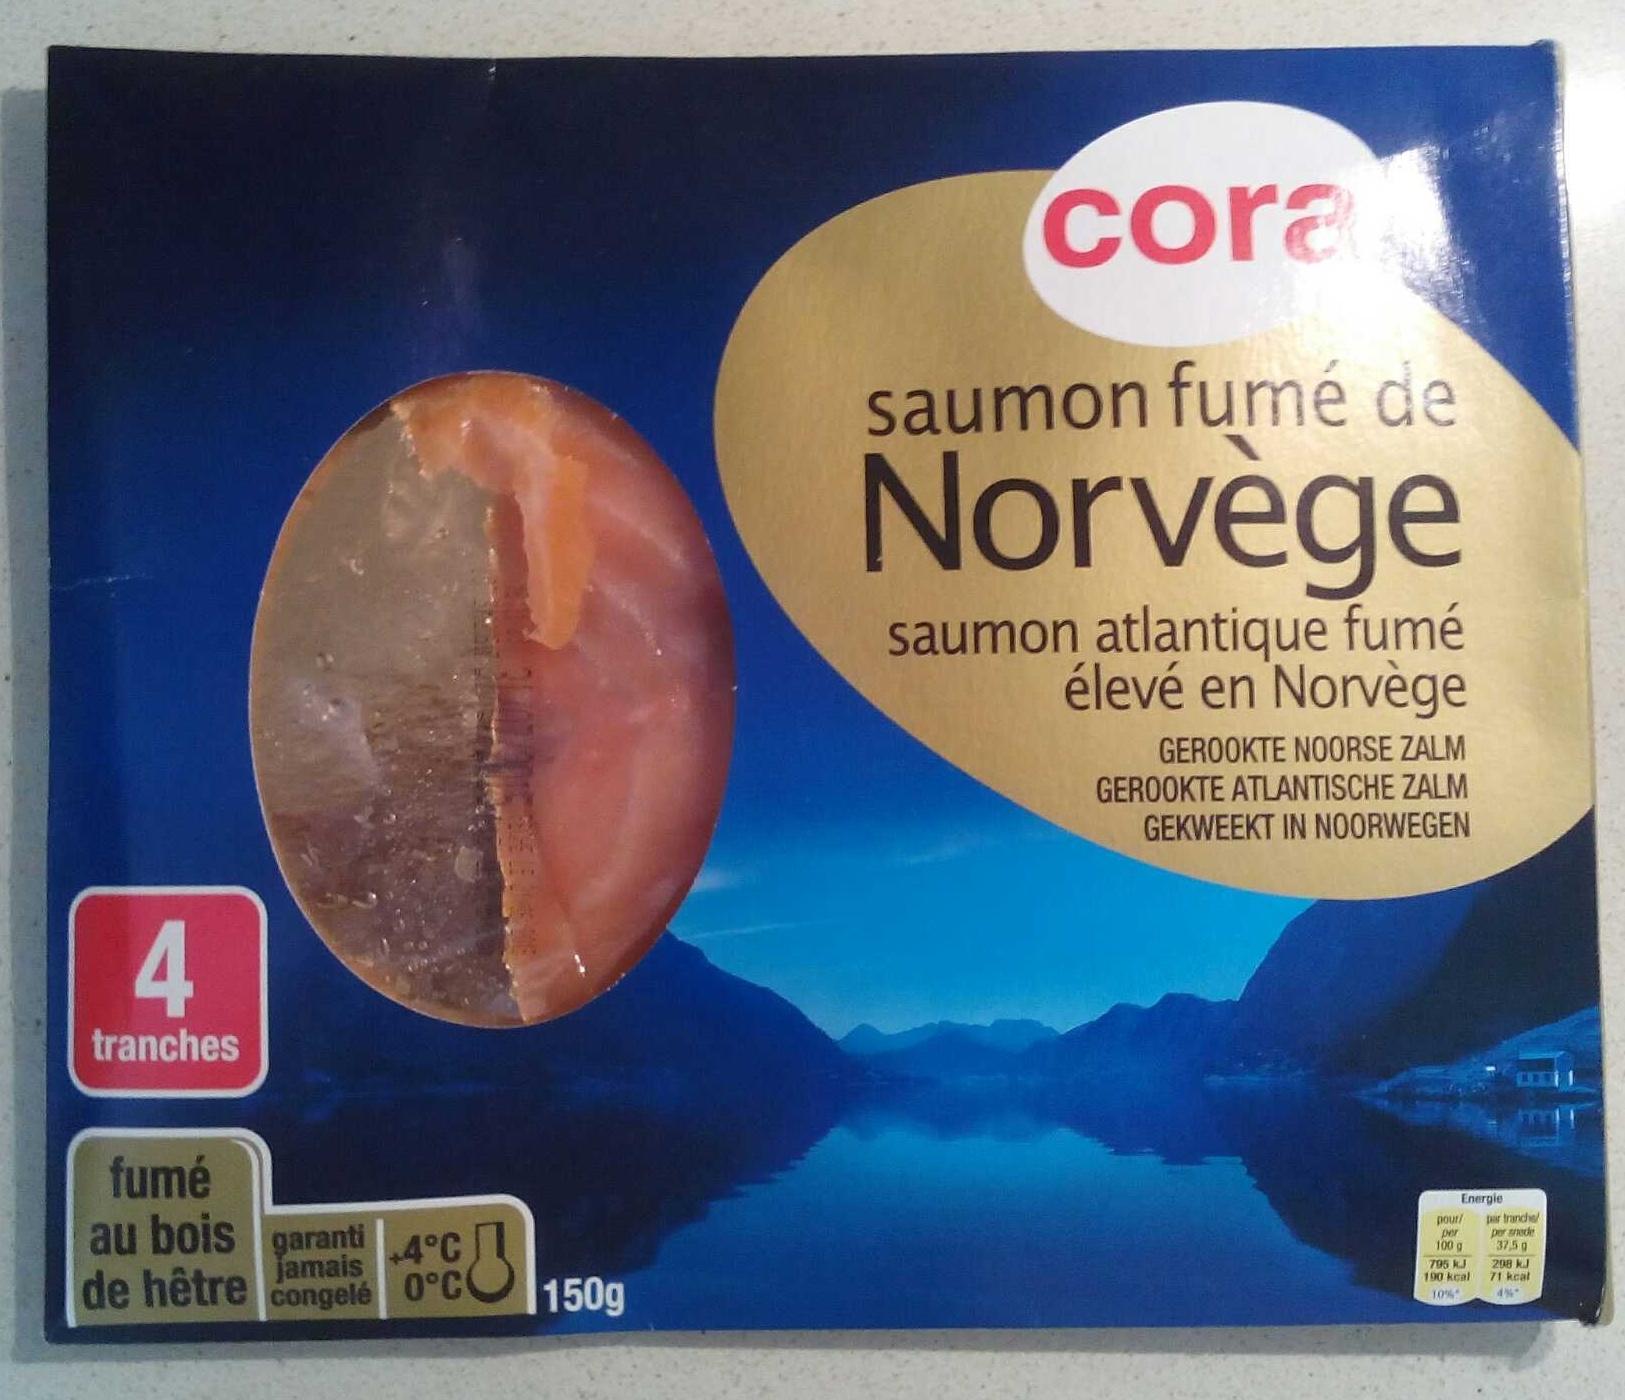 Saumon fumé de Norvège - Produit - fr